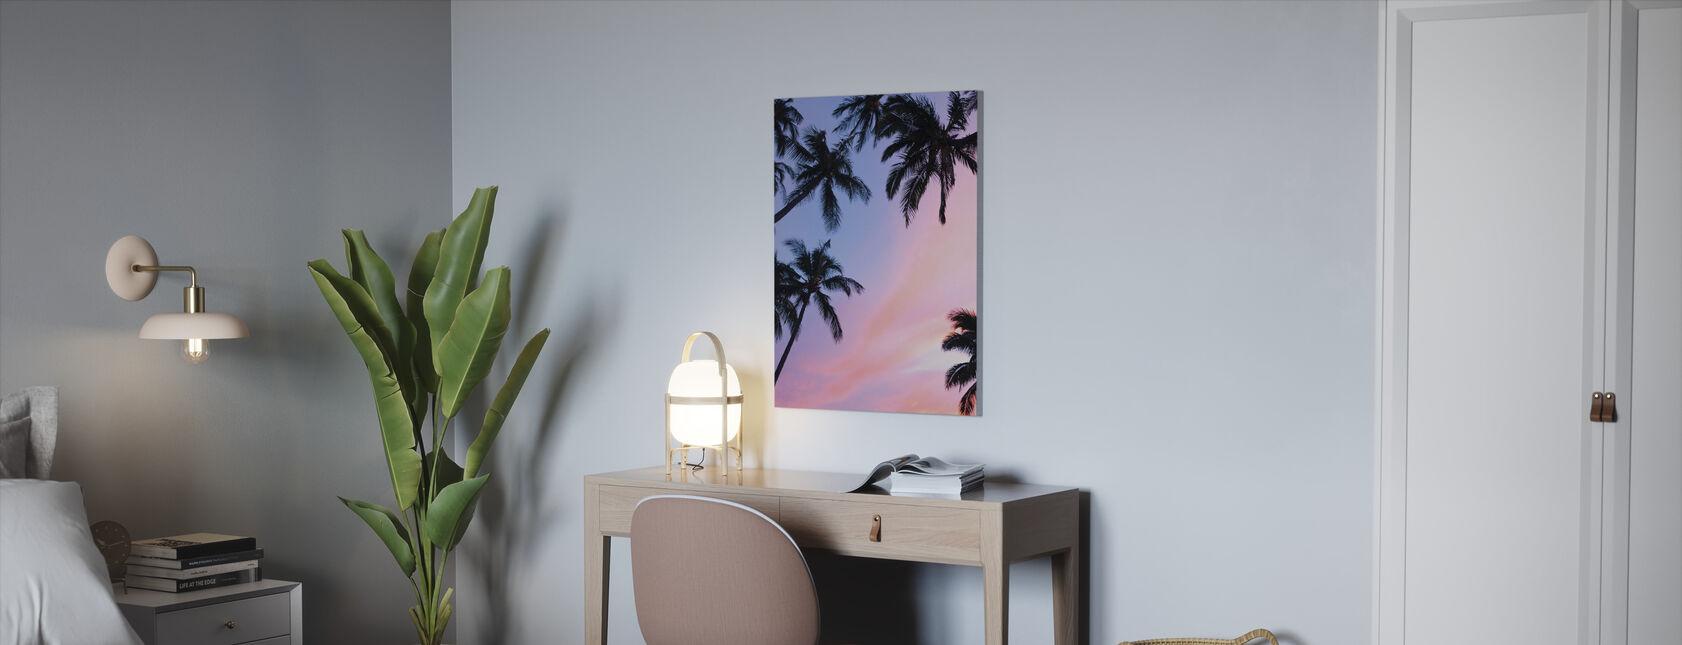 Palmu ja värikäs taivas - Canvastaulu - Toimisto